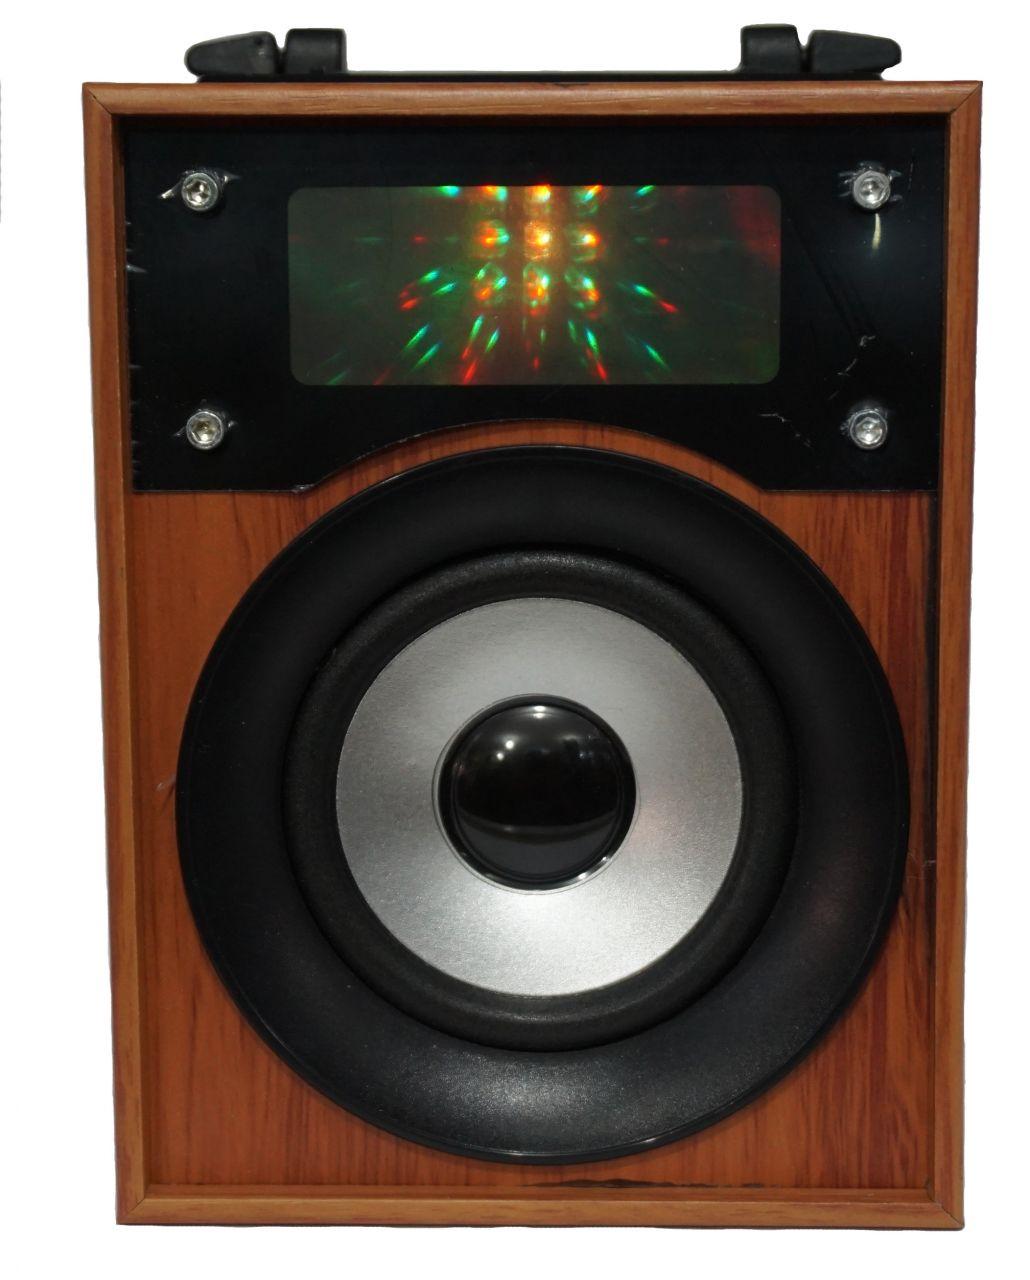 Hordozható Bluetooth multimédia lejátszó 3w hangszóró akkumulátorral Színes EQ kijelző, Mp3,FM-Rádió, USB, SD kártya - 15x11cm